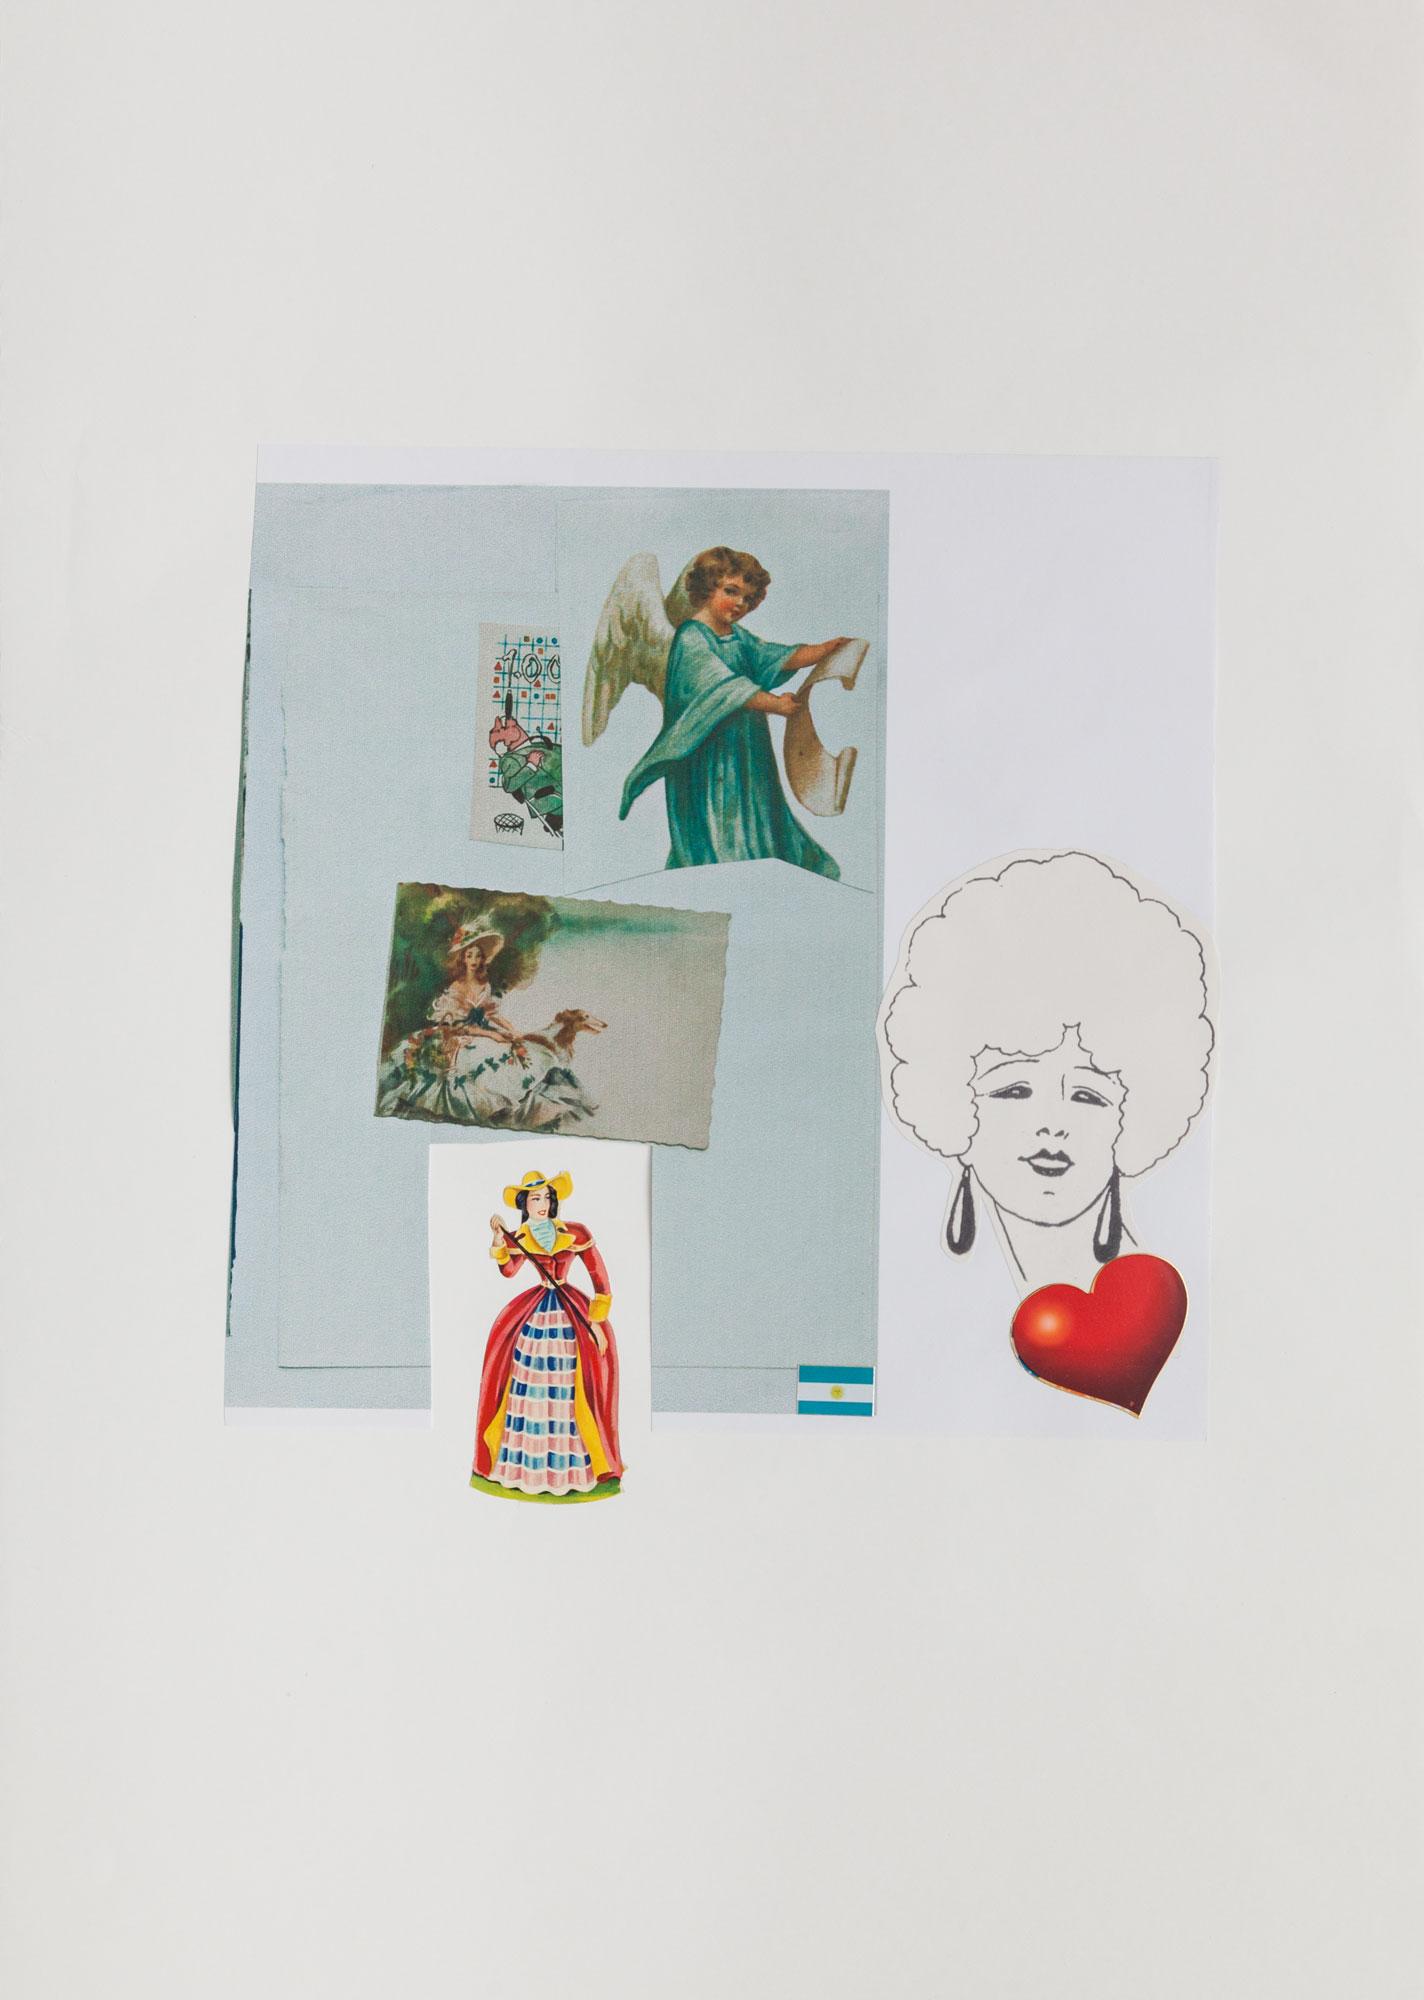 El amor, serie La sutileza de la imagen_papel collage 44 cm x 31 cm 2020